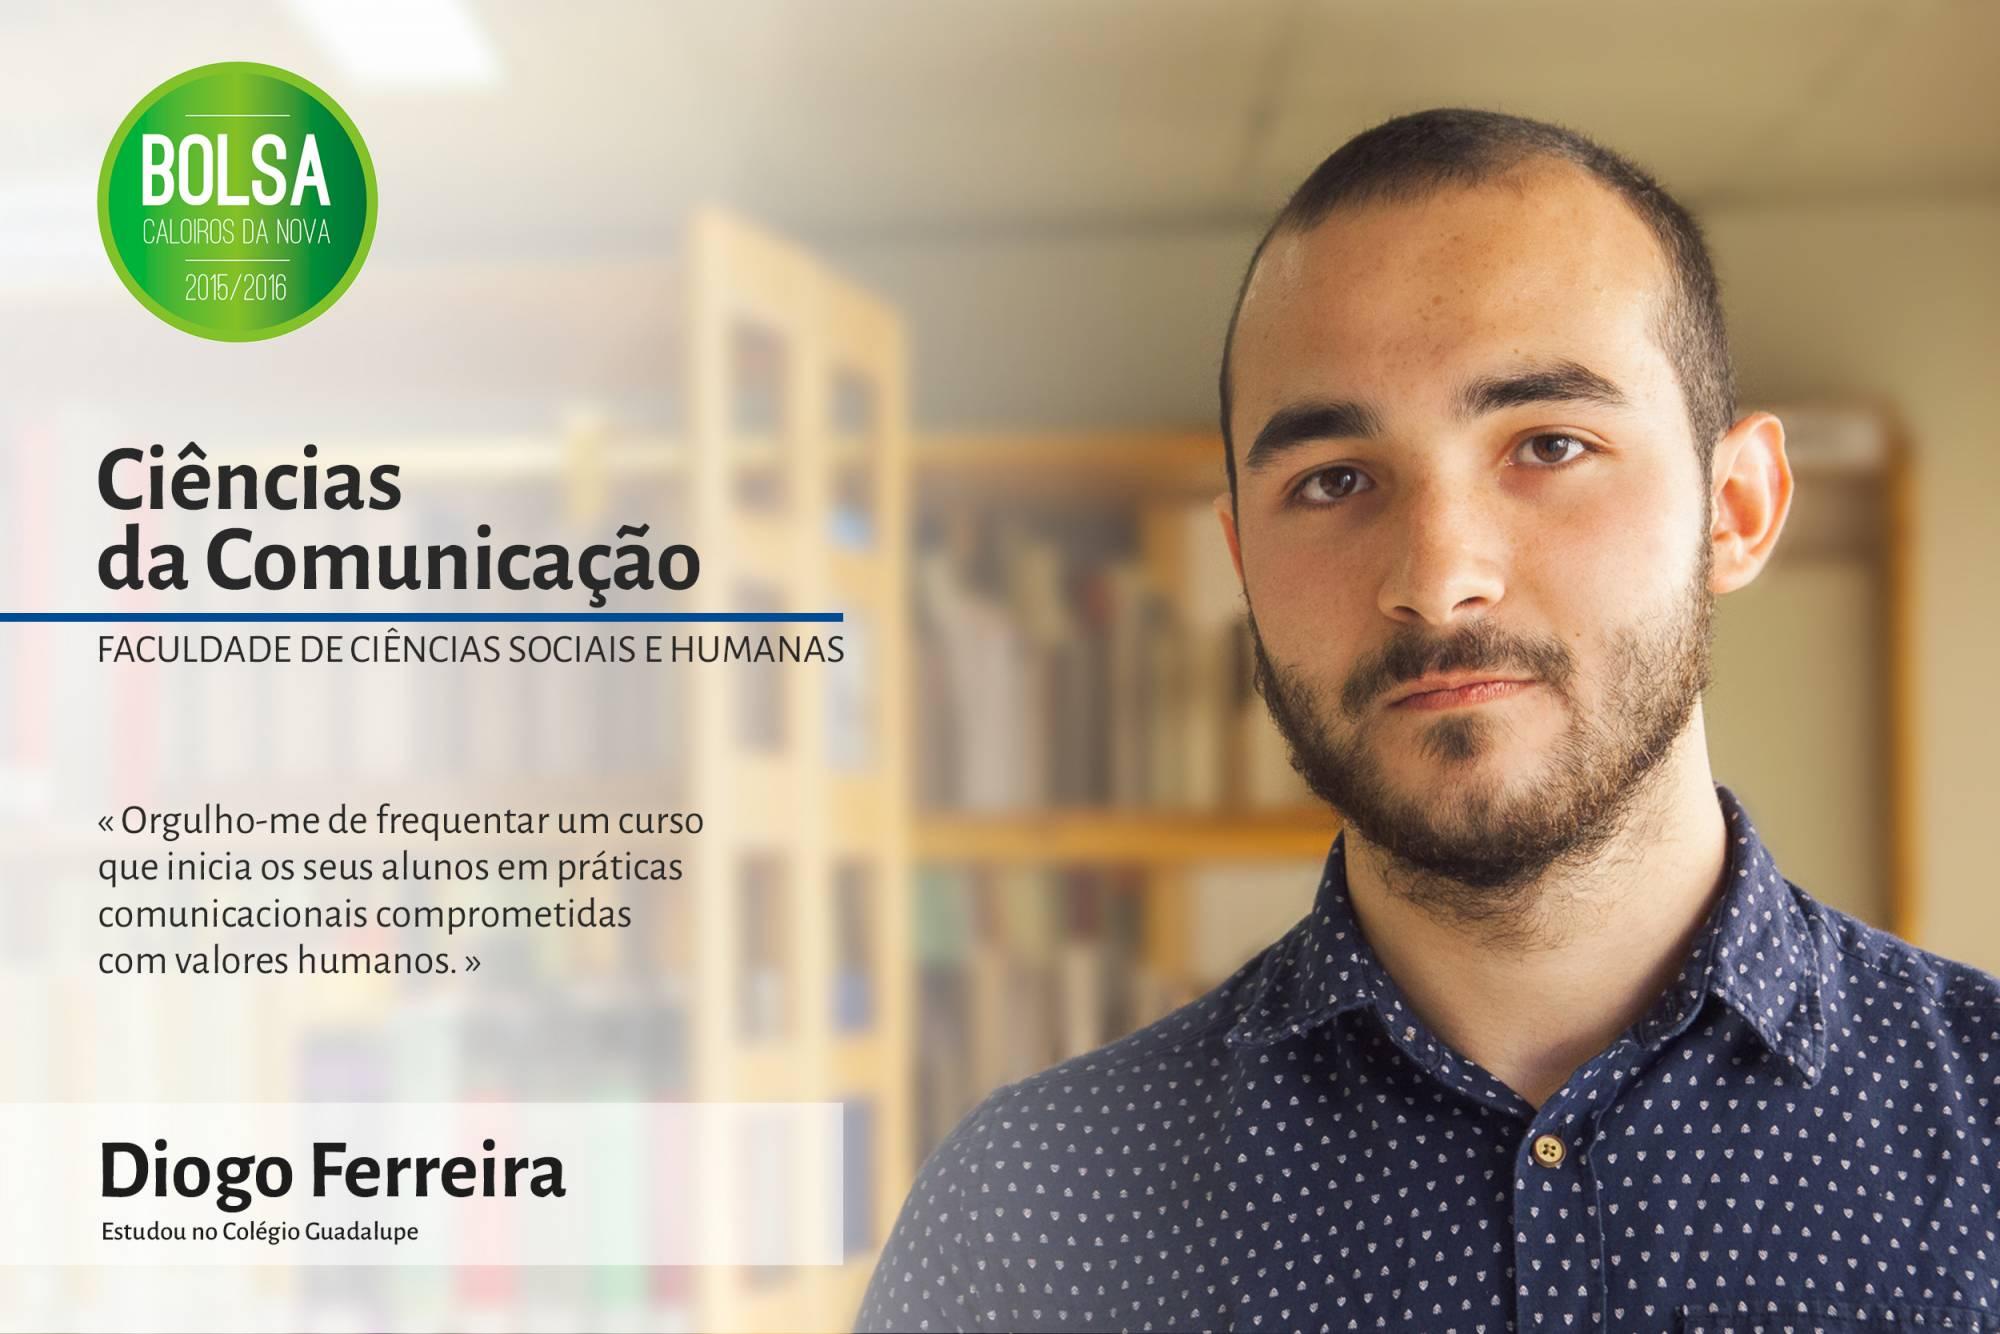 Diogo Costa Ferreira, Faculdade de Ciências Sociais e Humanas da NOVA